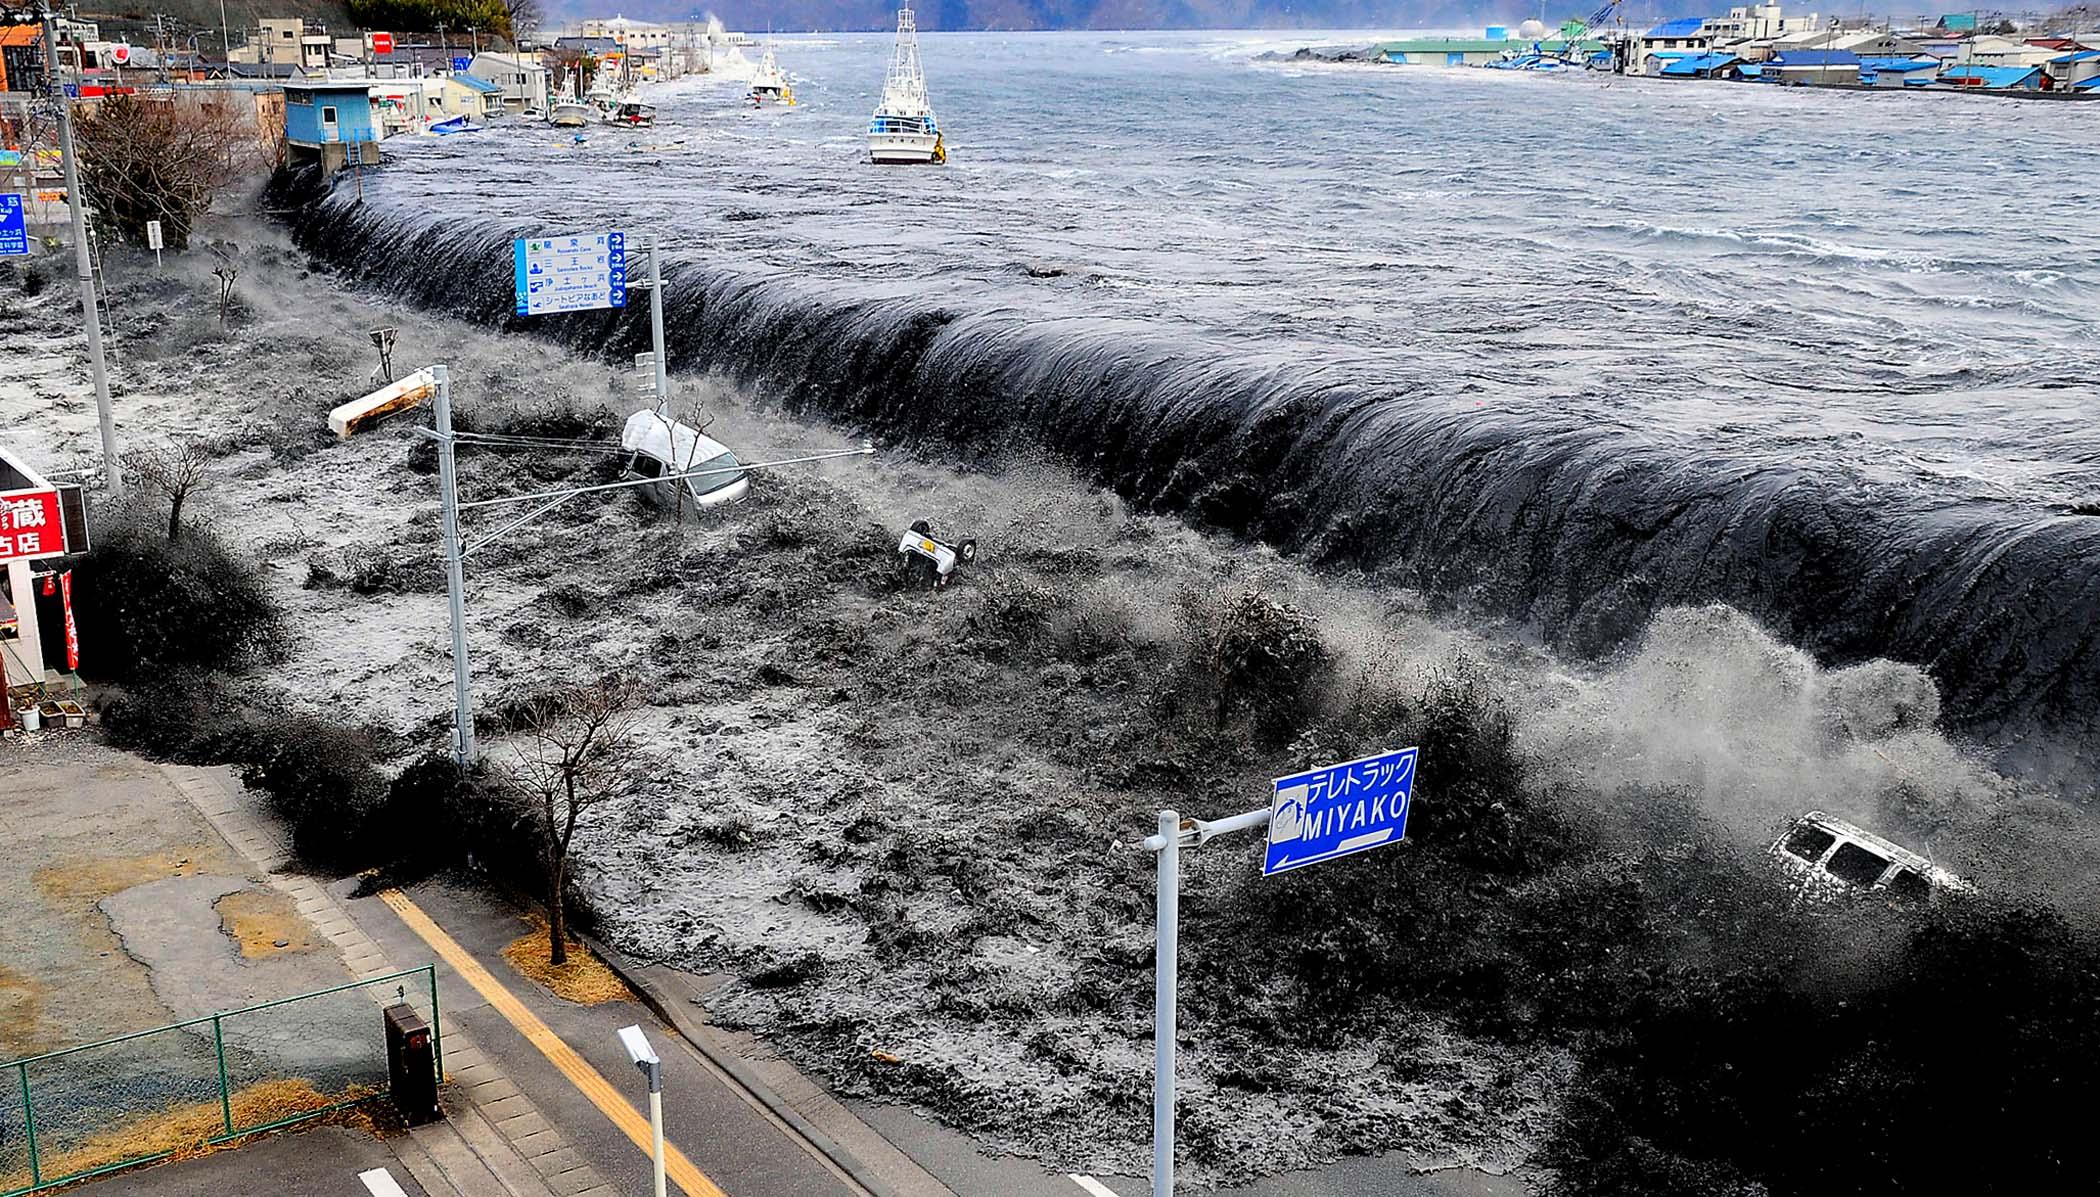 تسونامي جديد يضرب إندونيسيا بموجات ارتفاعها 2 متر